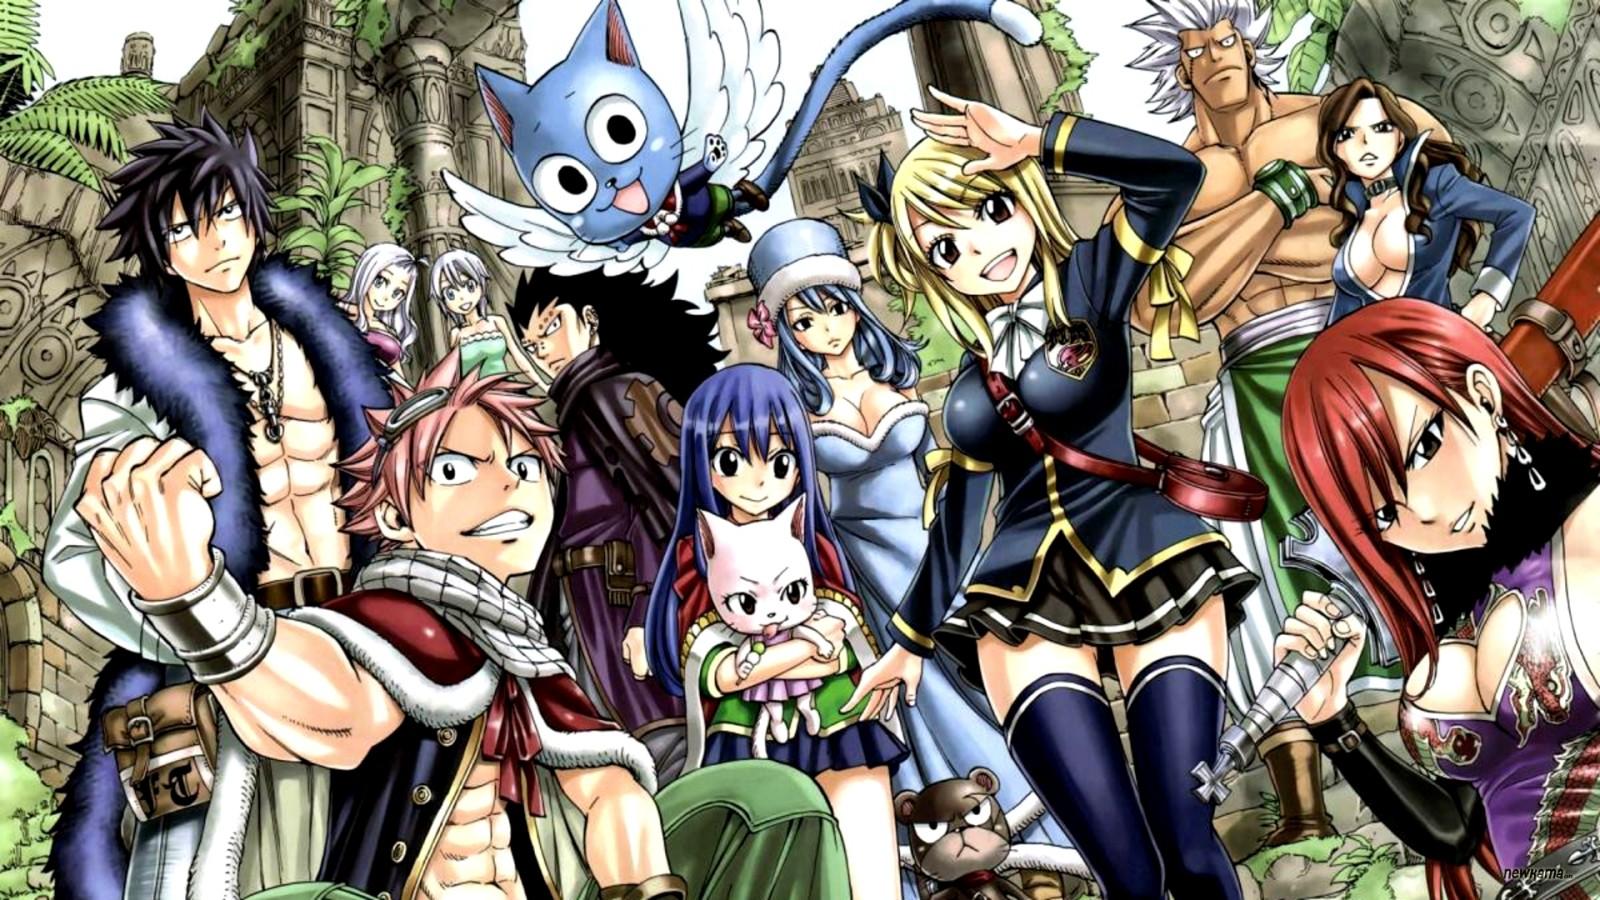 Se revela nueva imagen y reparto de obra de teatro de Fairy Tail